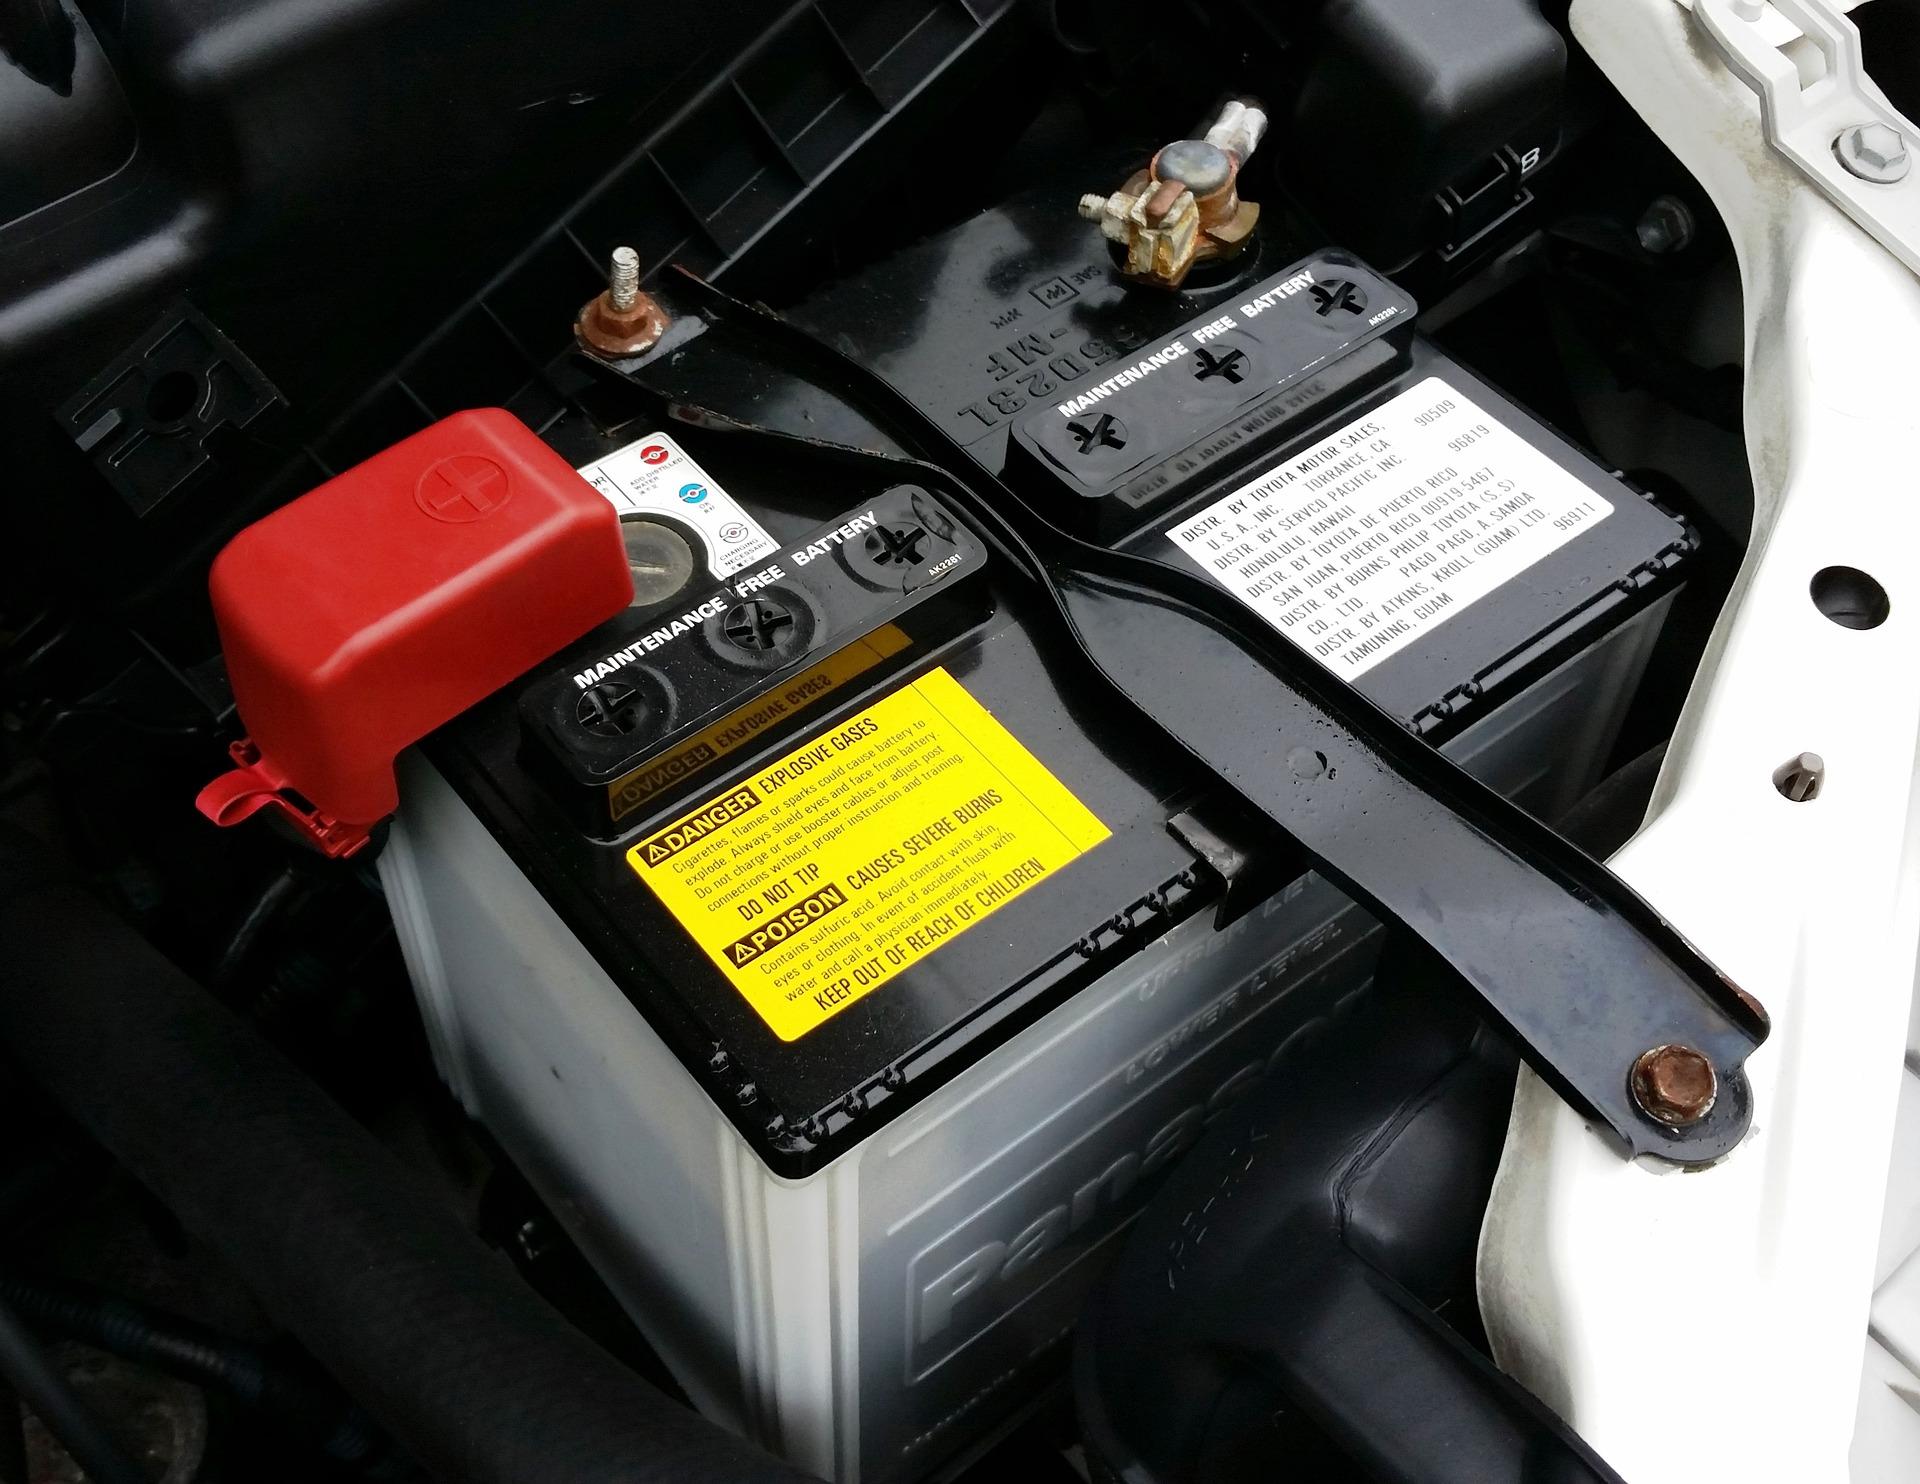 Bateria de carro: Qual melhor modelo de 2020?